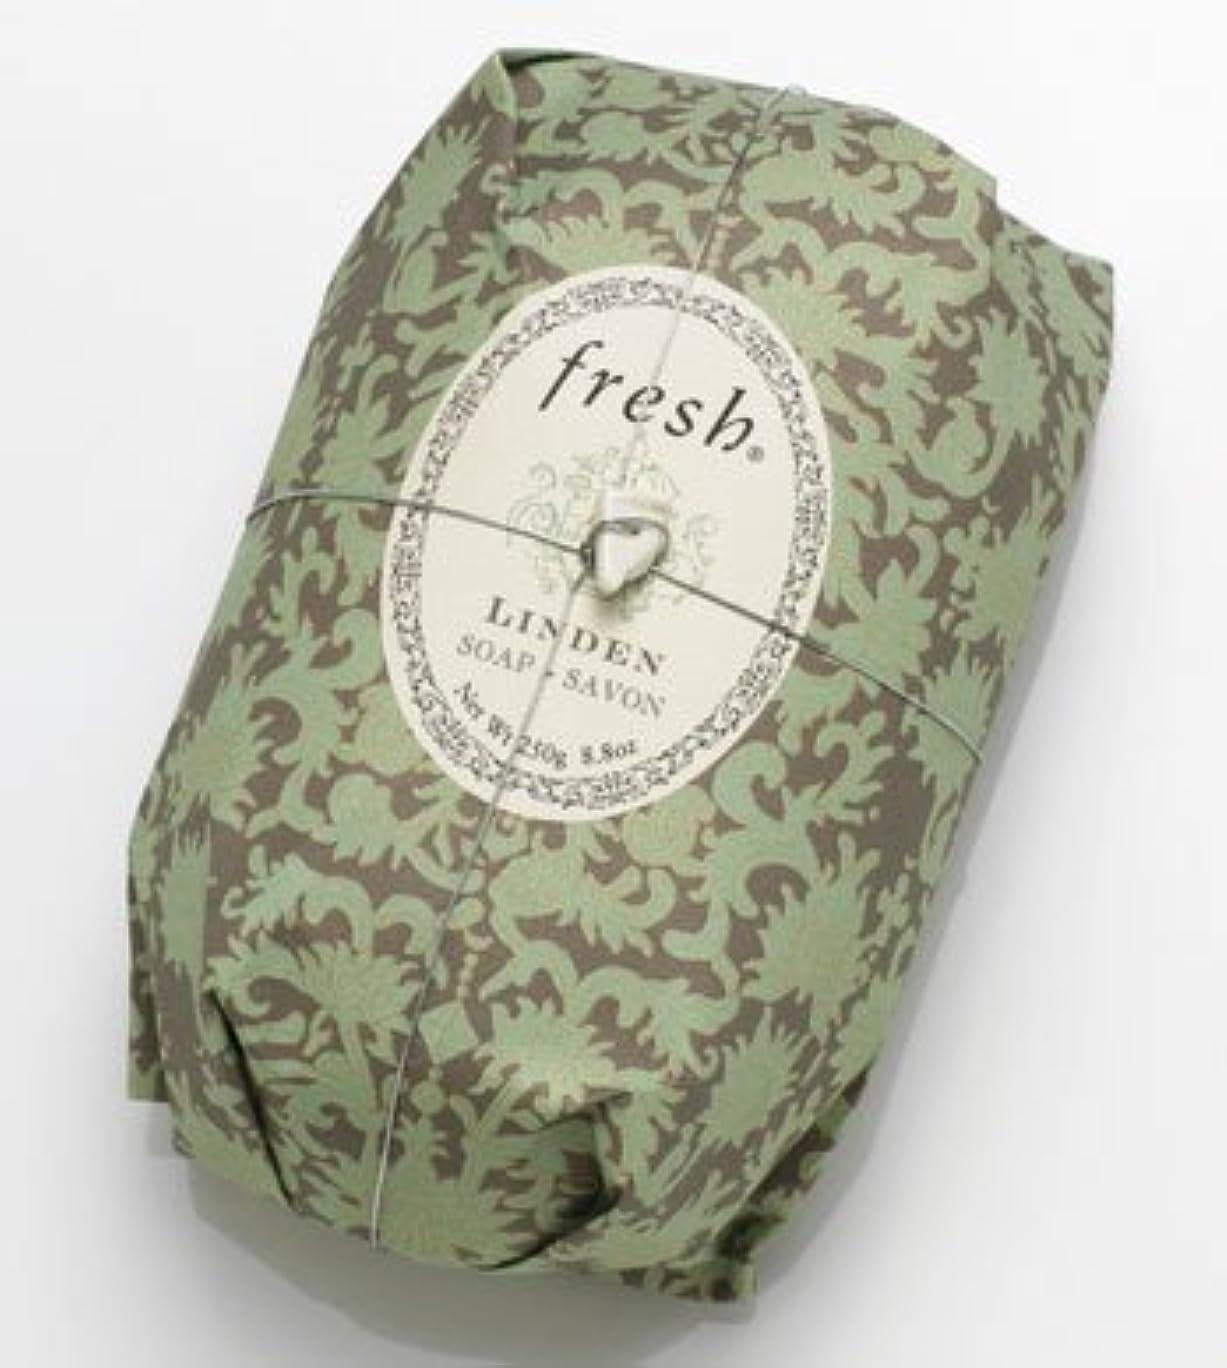 インペリアルオール自転車Fresh LINDEN SOAP (フレッシュ リンデン ソープ) 8.8 oz (250g) Soap (石鹸) by Fresh